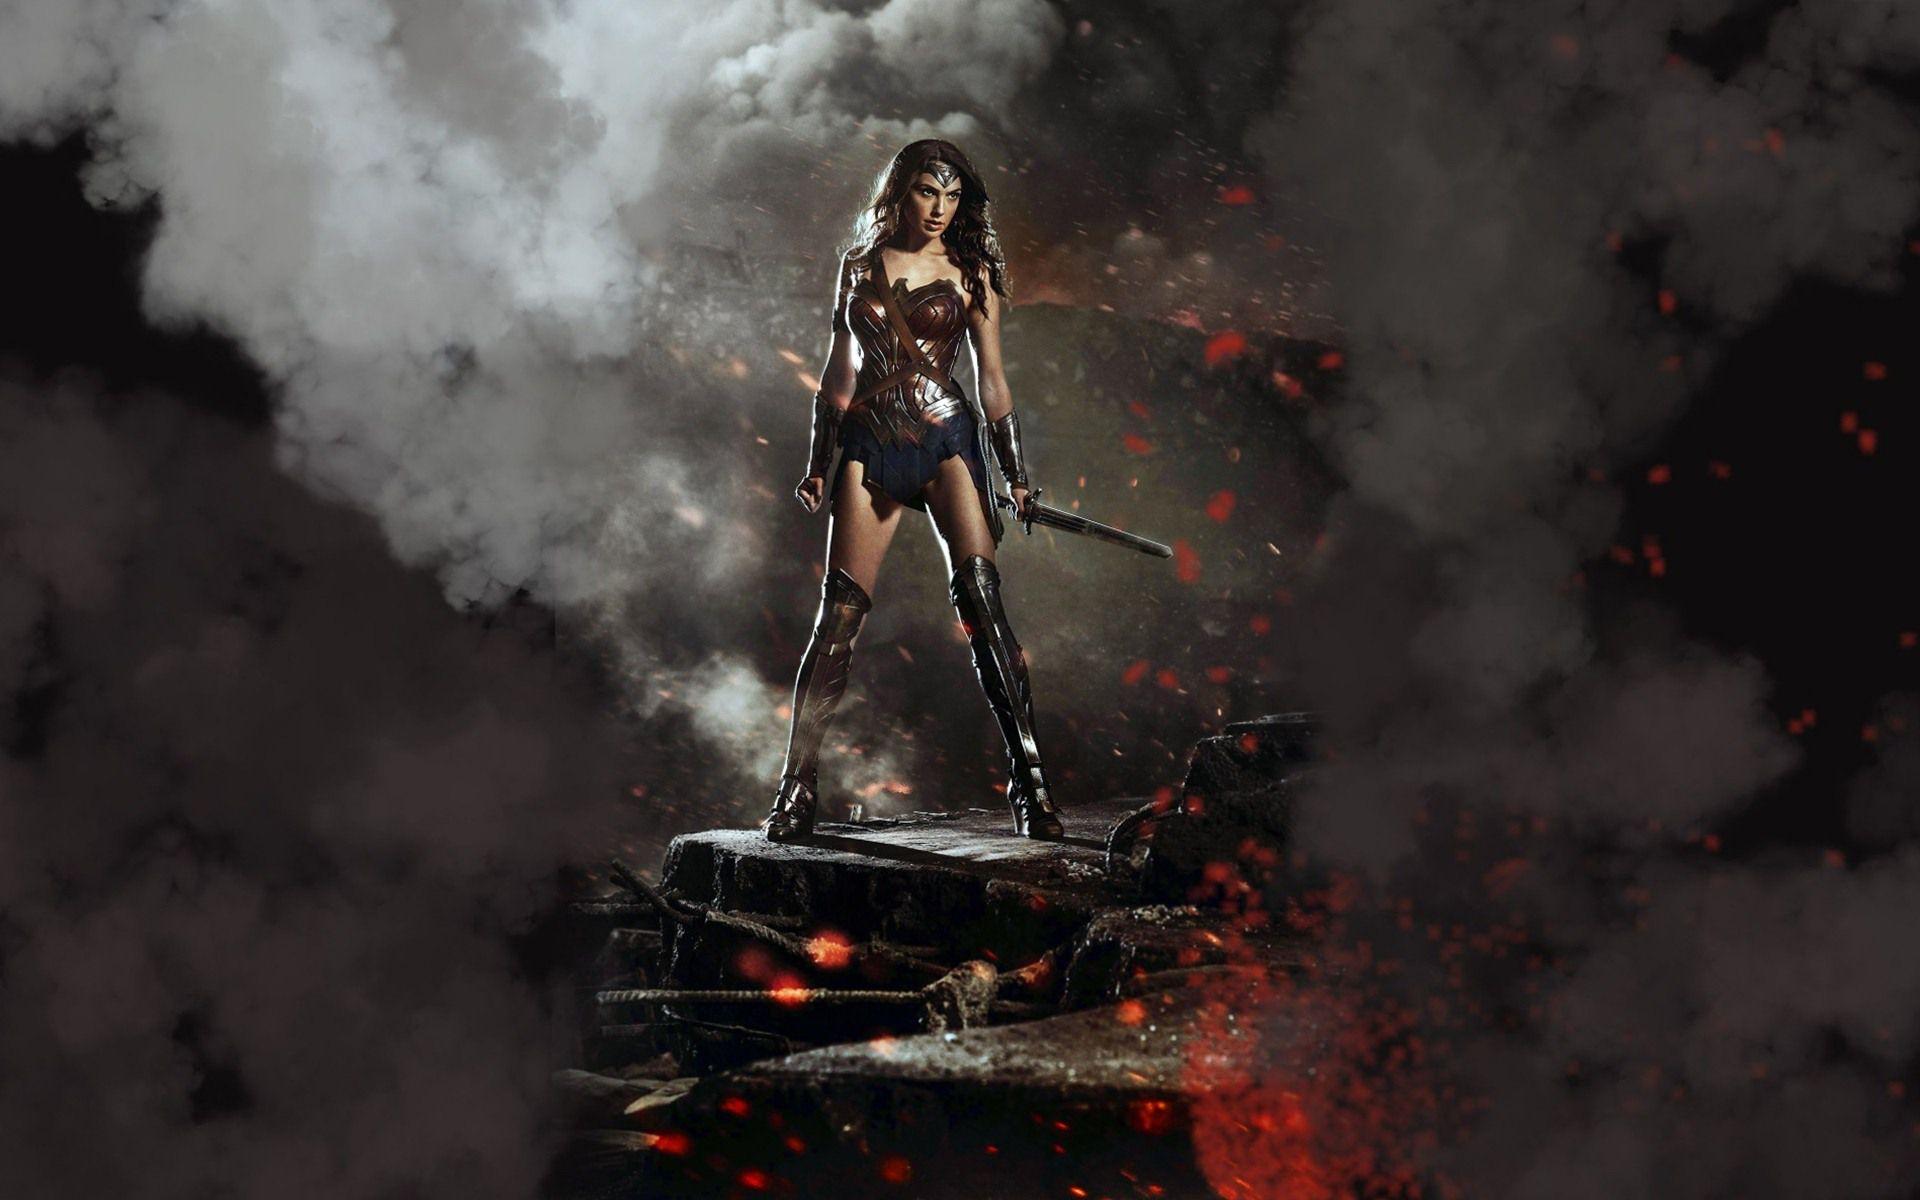 Wonder Woman Hd Wallpapers Wallpapersafari